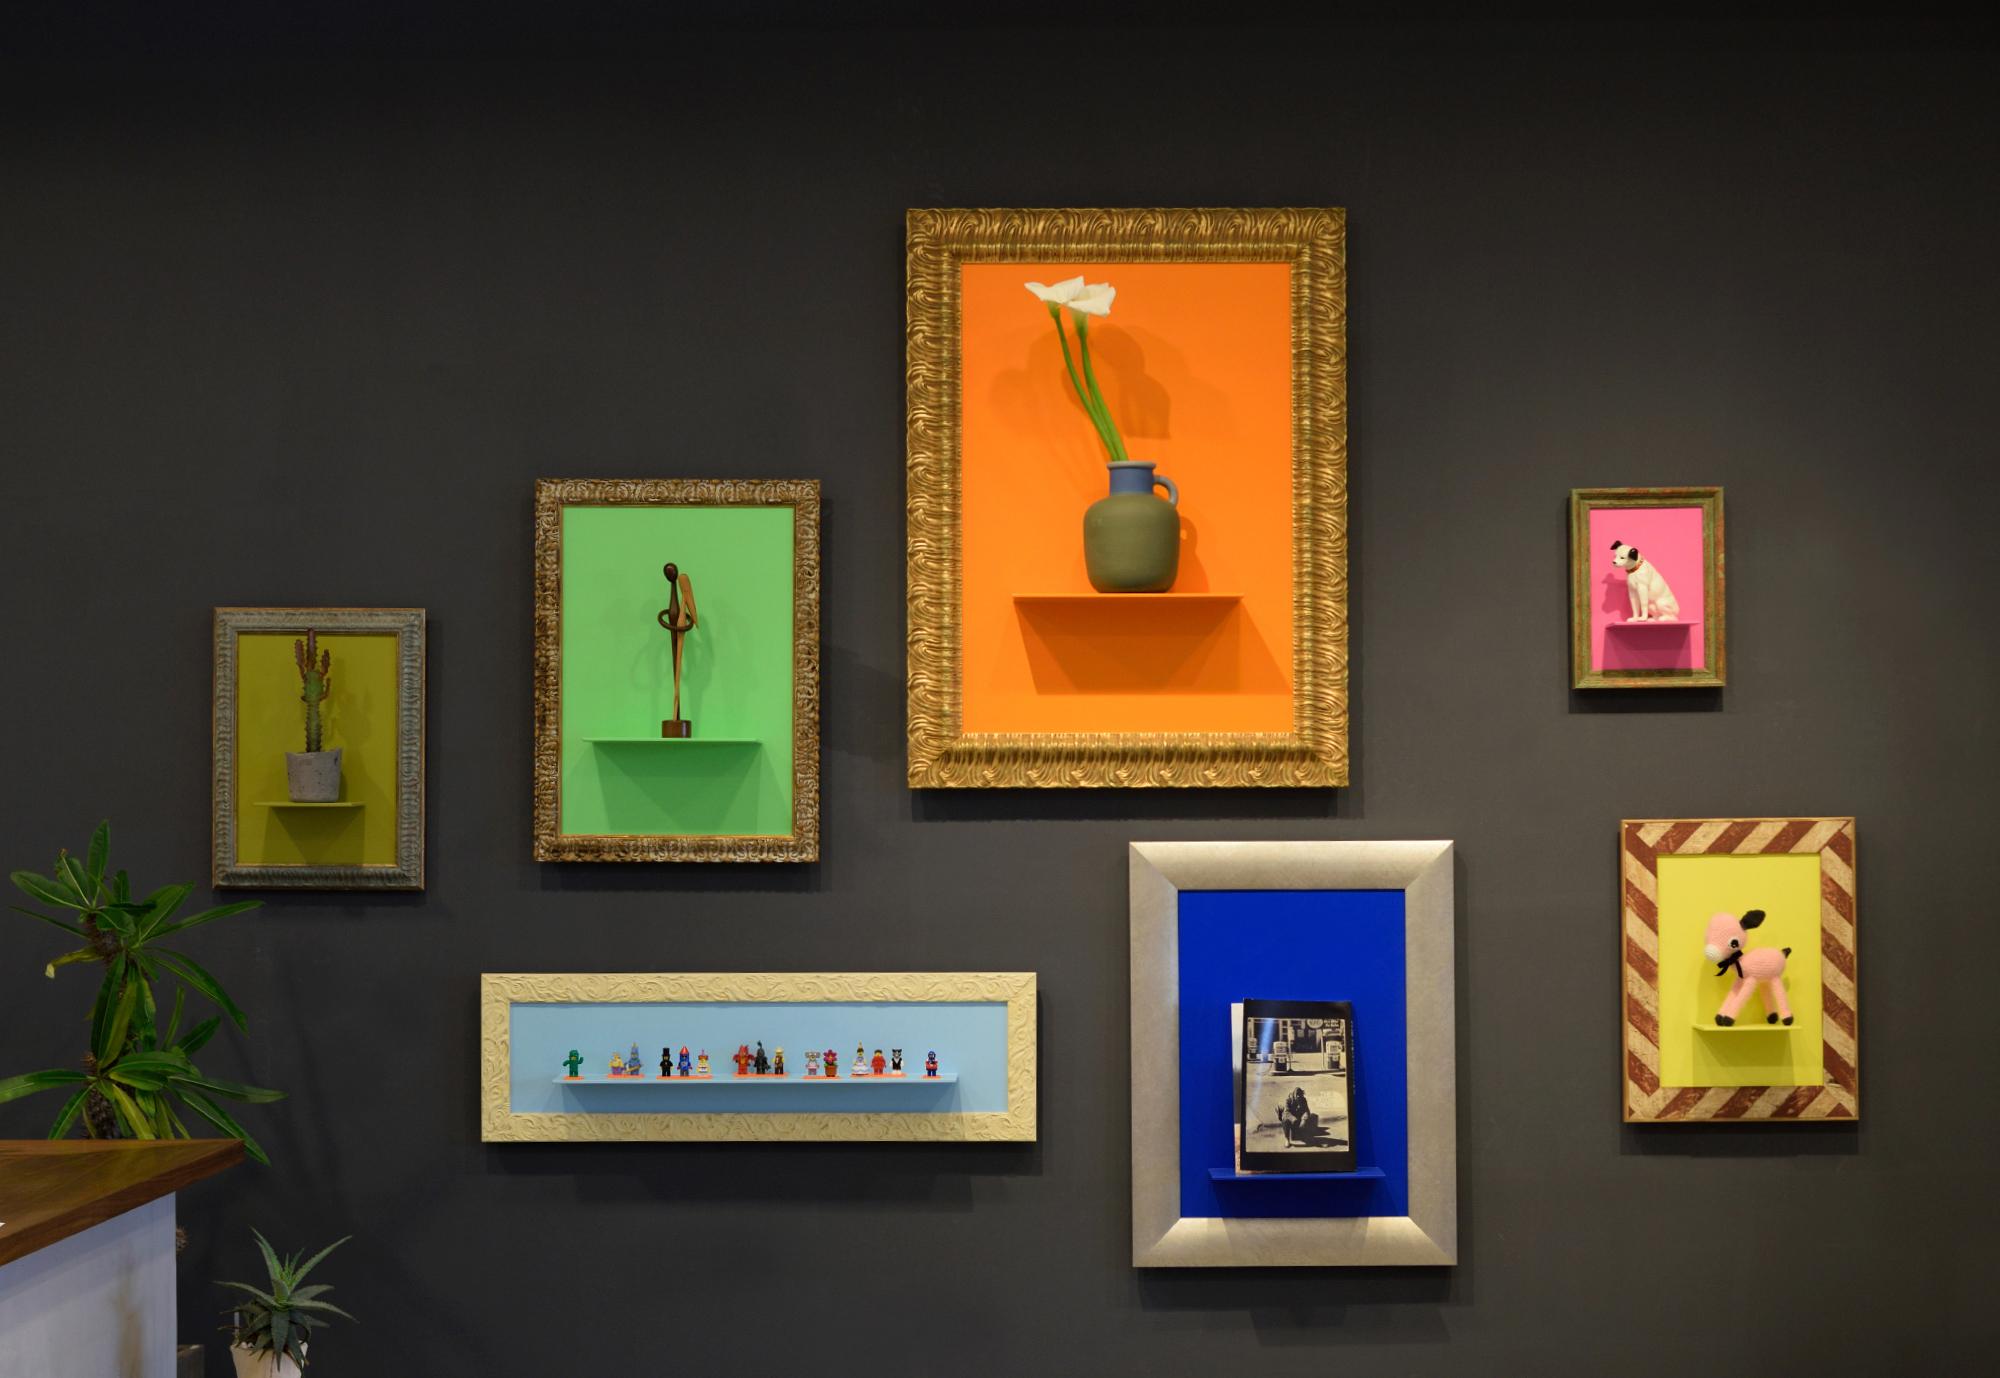 2019年 nabis&F.展示